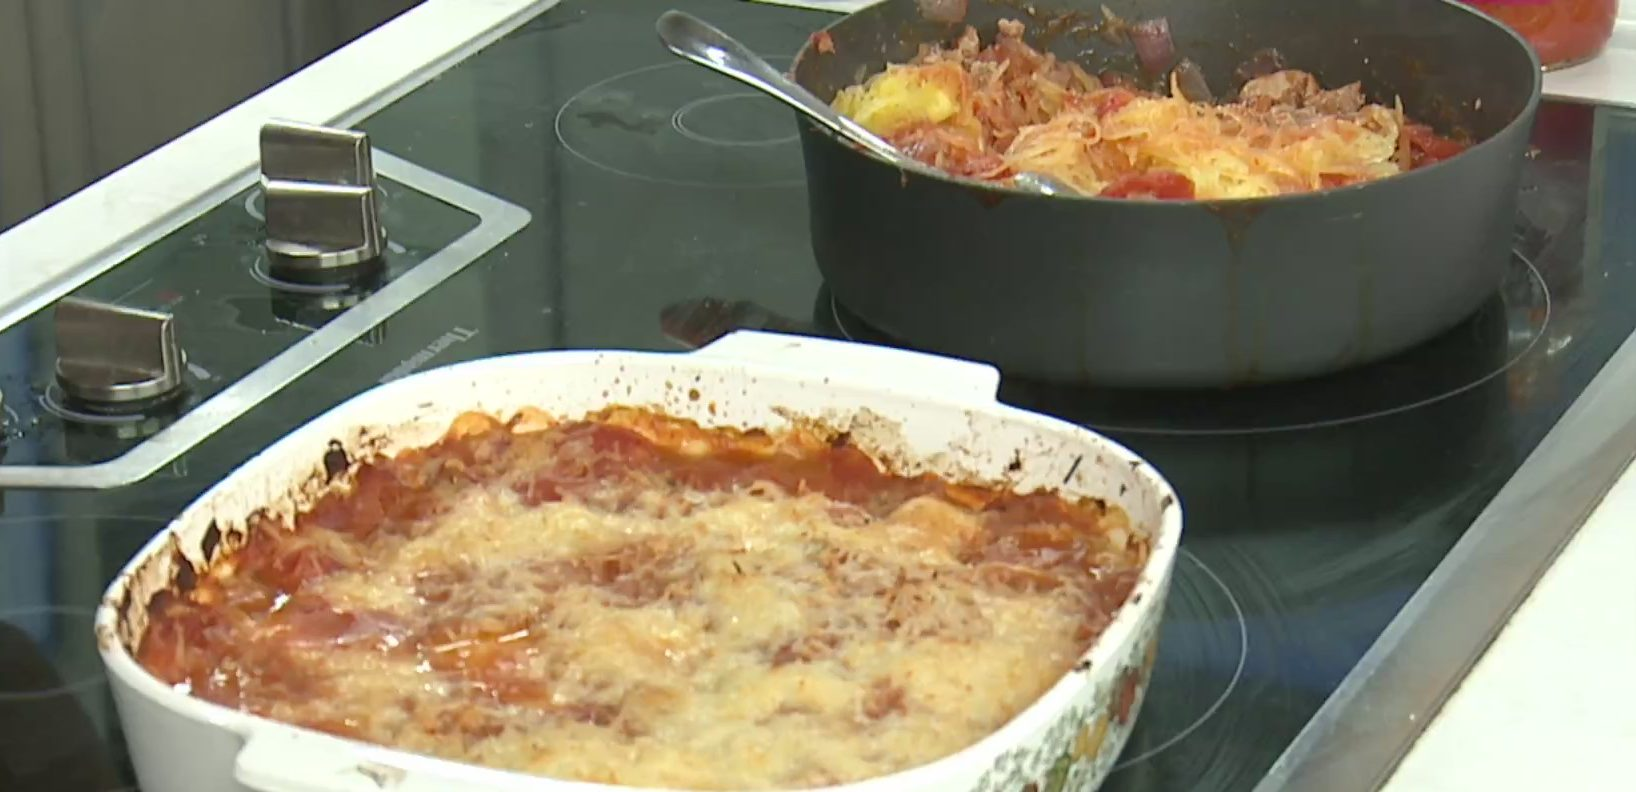 Picture of spaghetti squash casserole